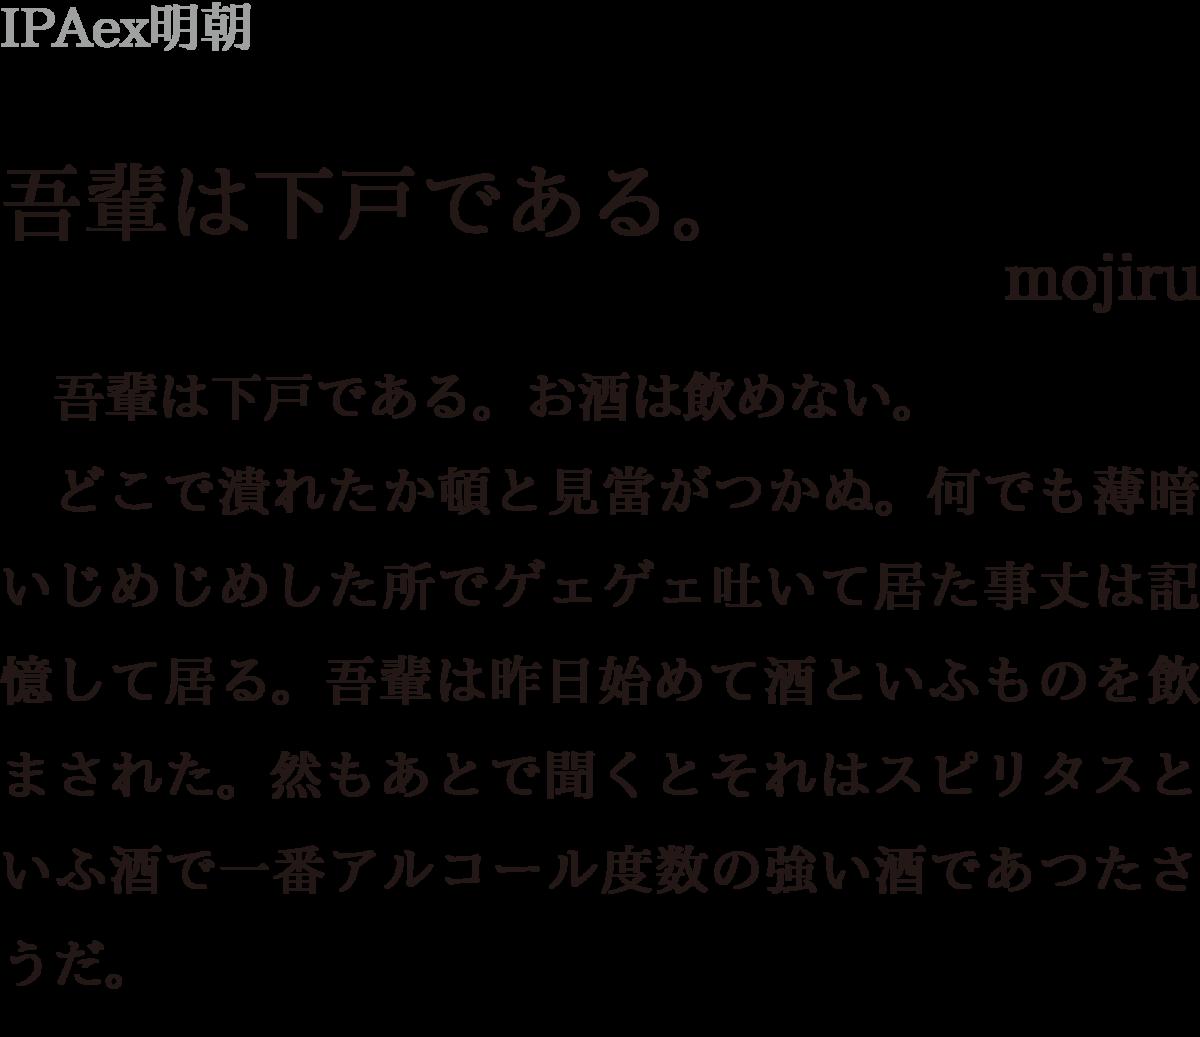 f:id:mojiru:20190516095213p:plain